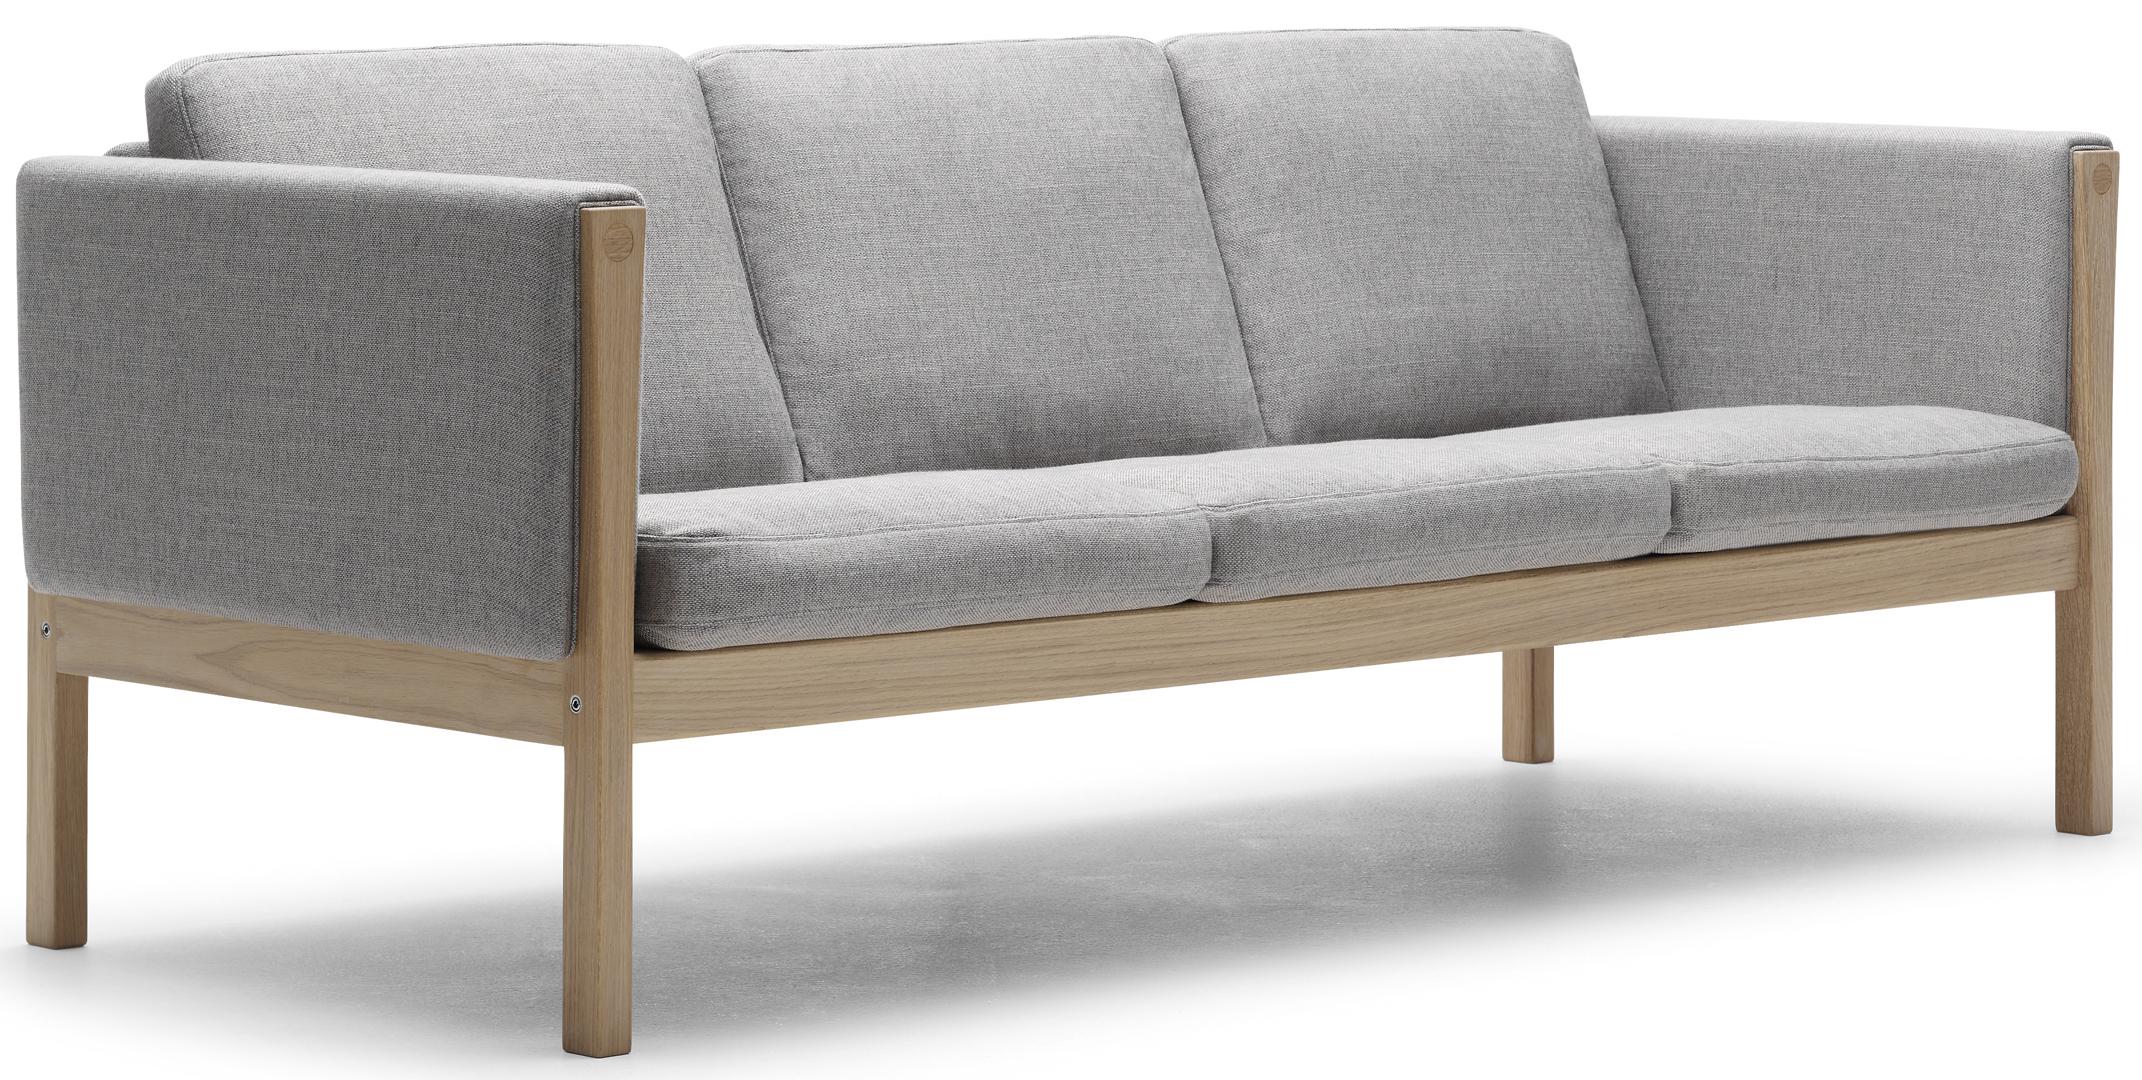 Carl Hansen & Son sofas CH162 and CH163